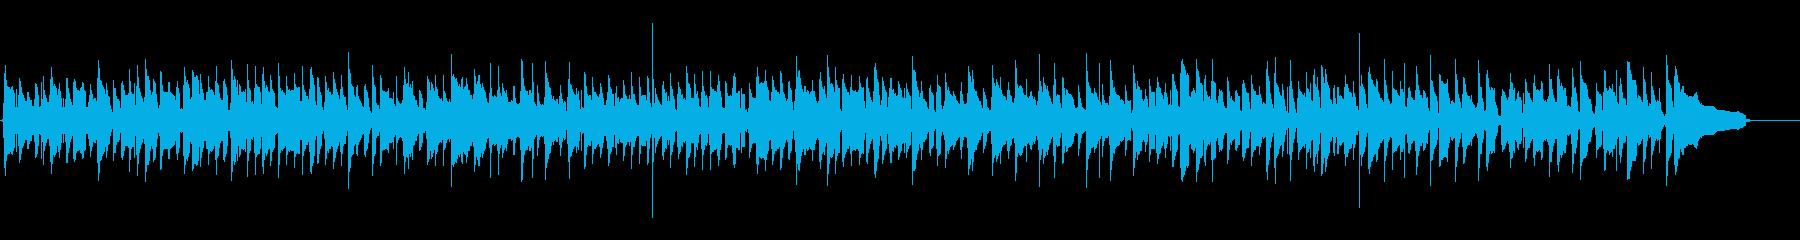 生アコギ、ピアノ、ワルツのカフェ音楽の再生済みの波形